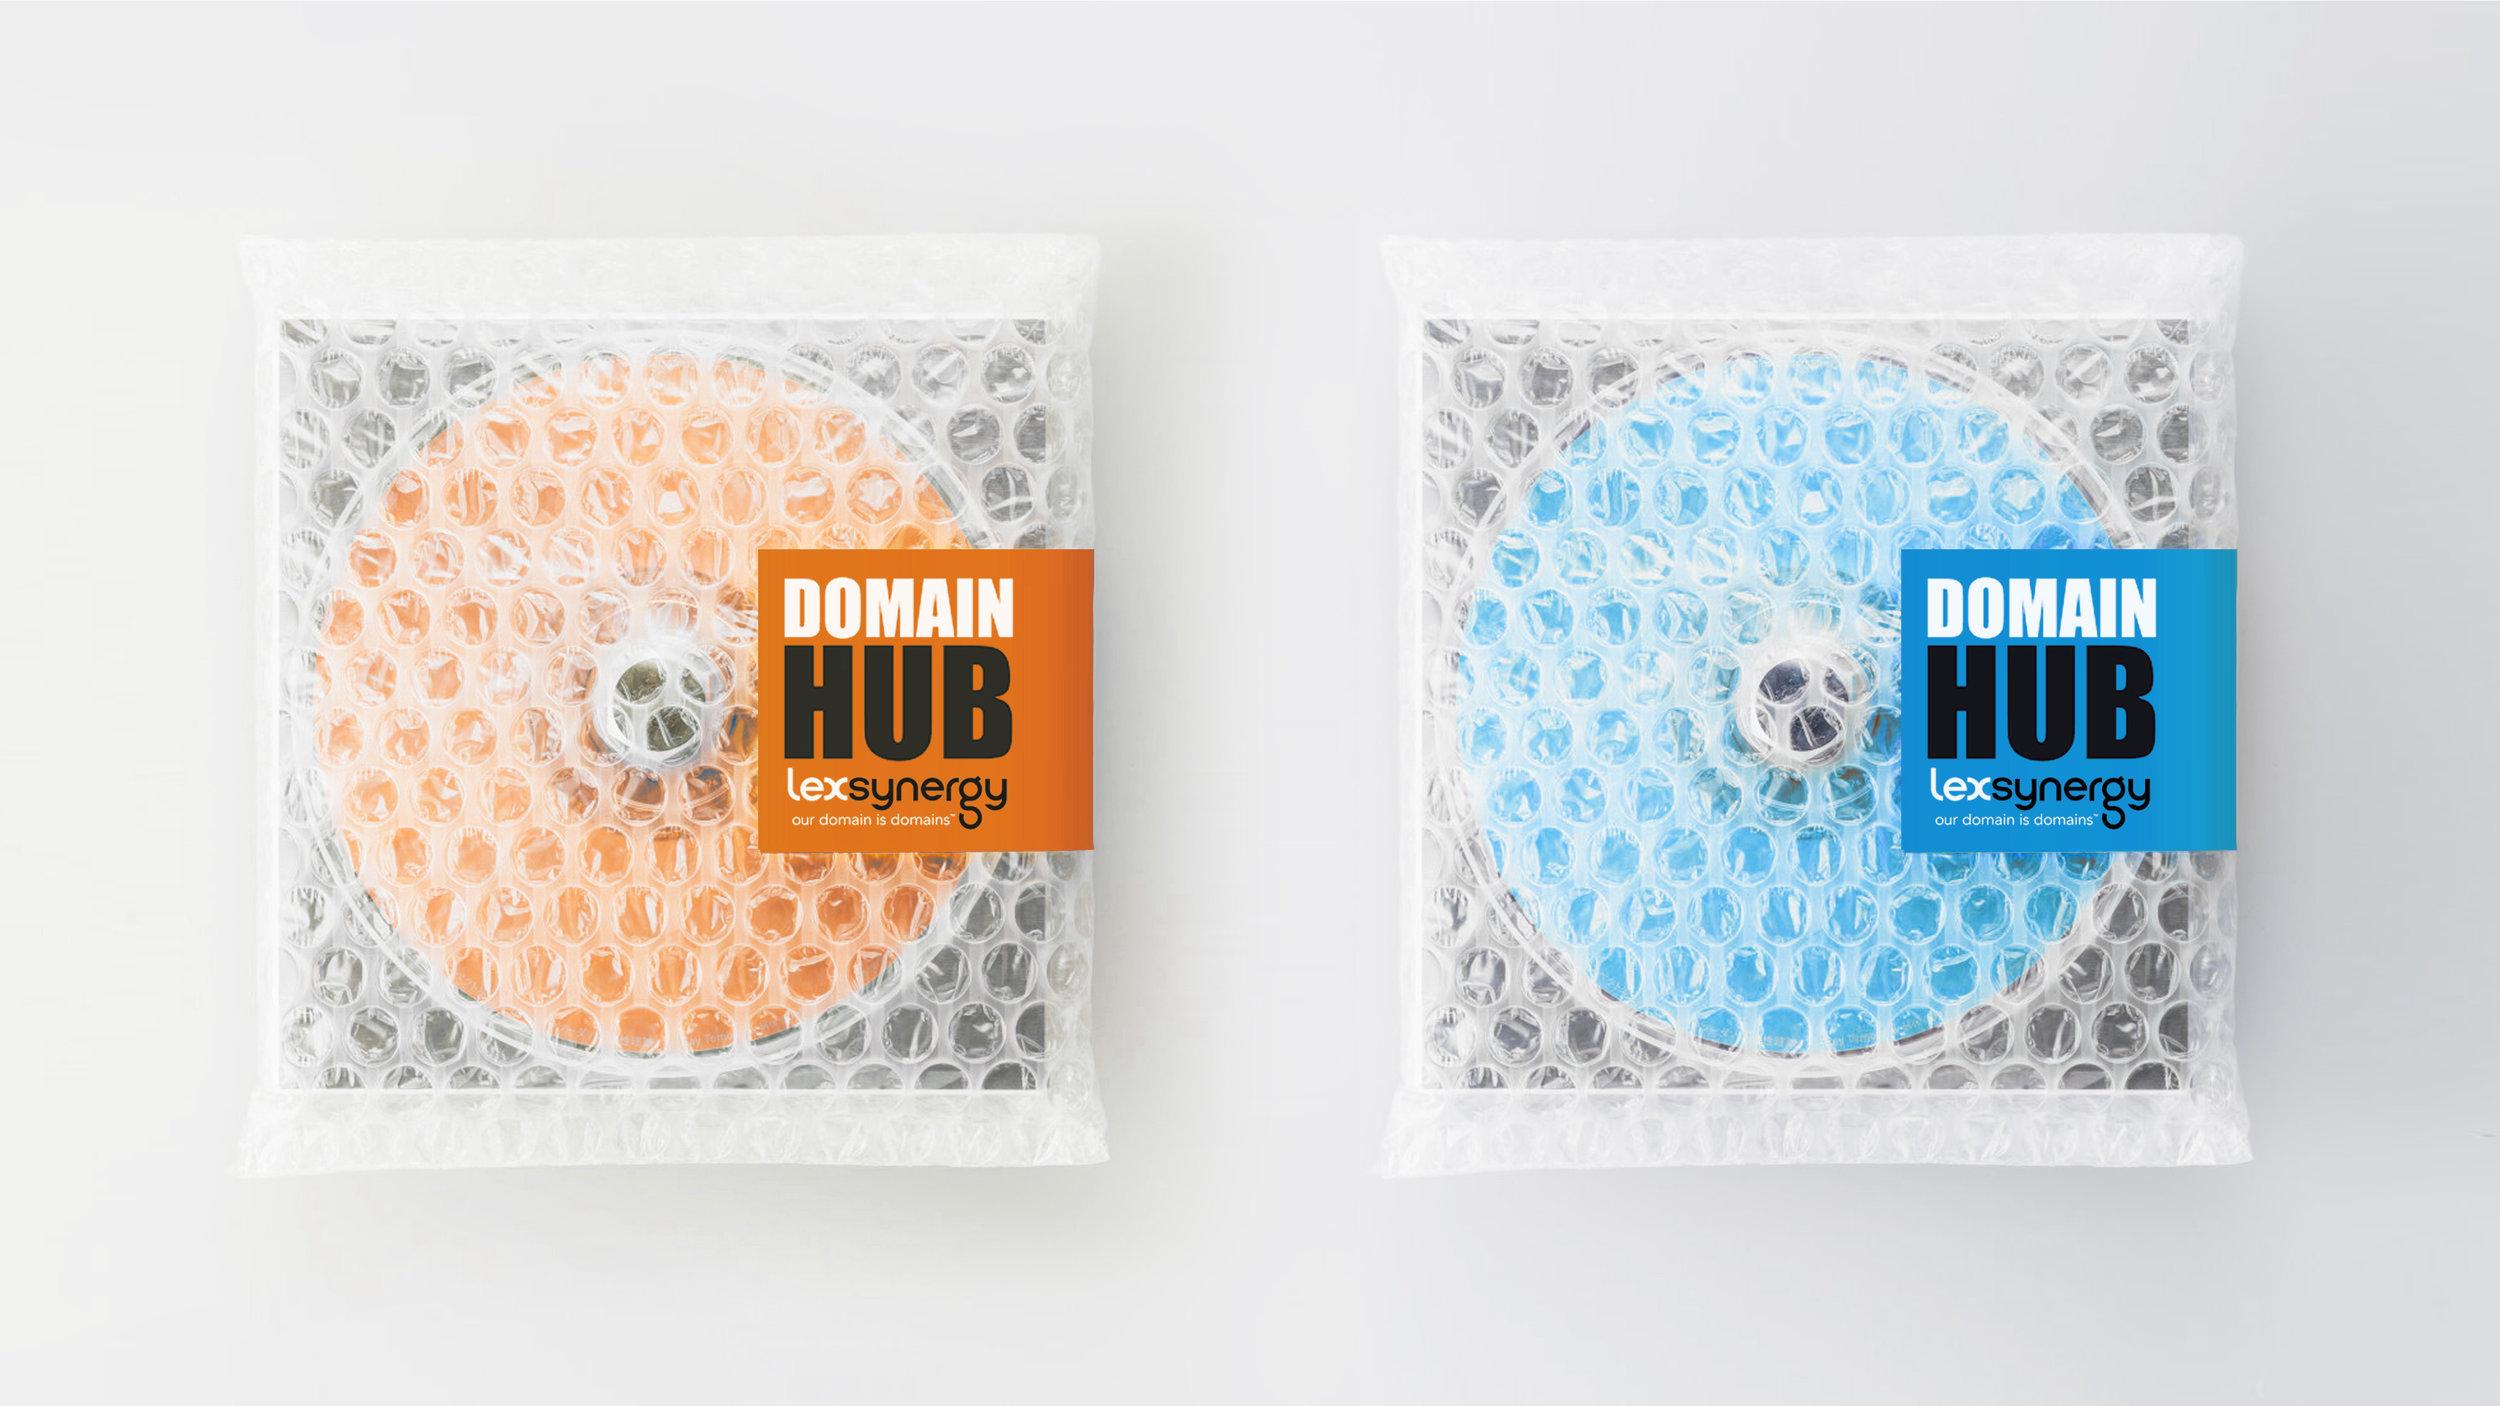 Brand_republica_promotional_packaging_design_lexsynergy_CDs.jpg